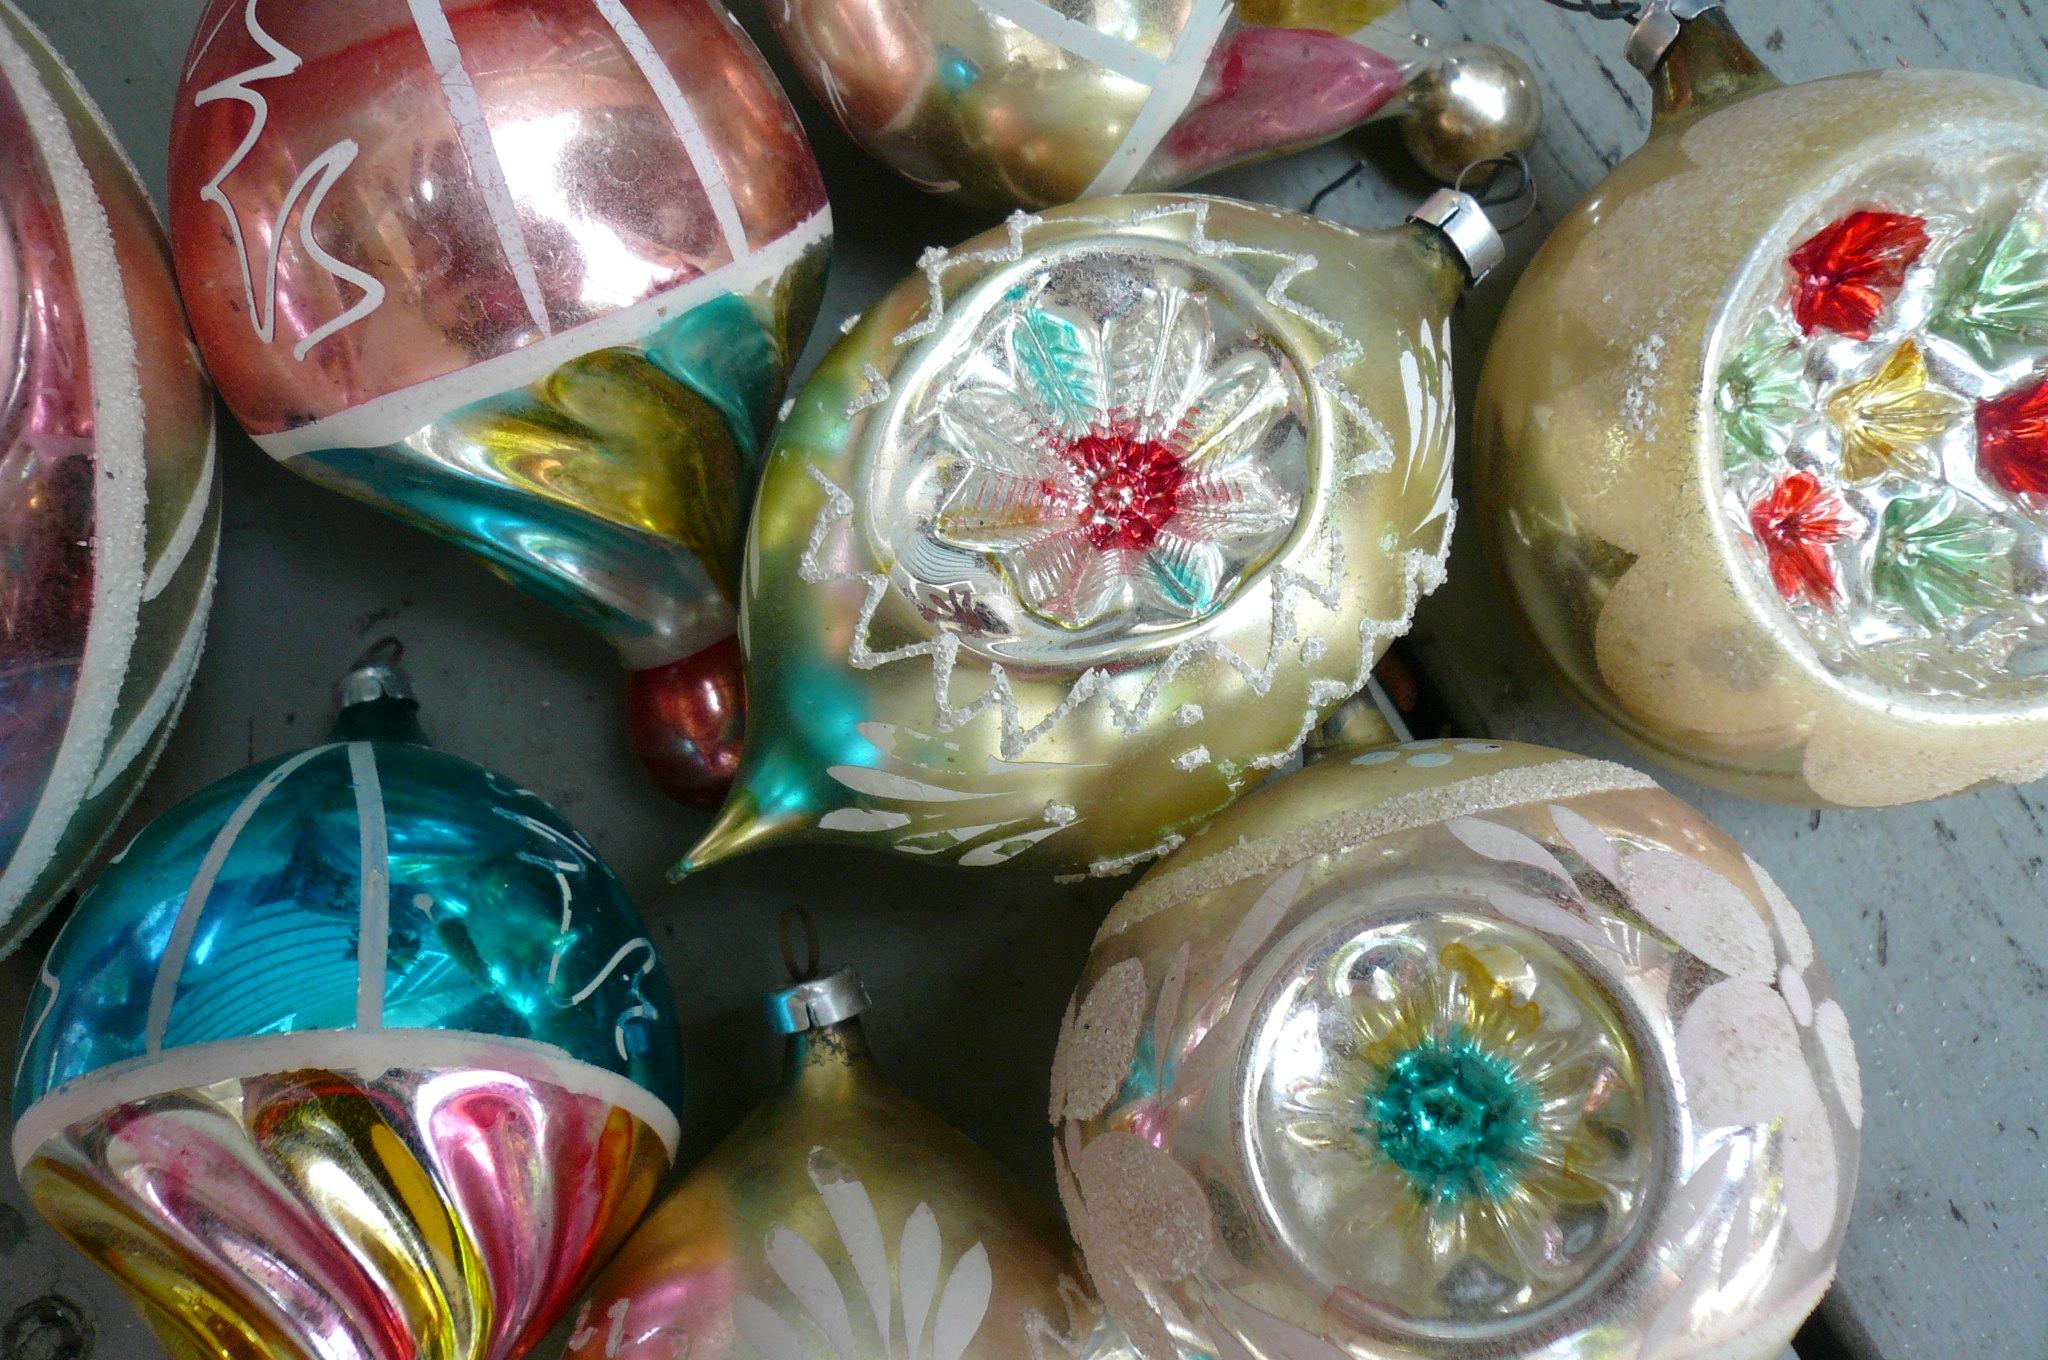 The echino ocean s holiday tree ornaments